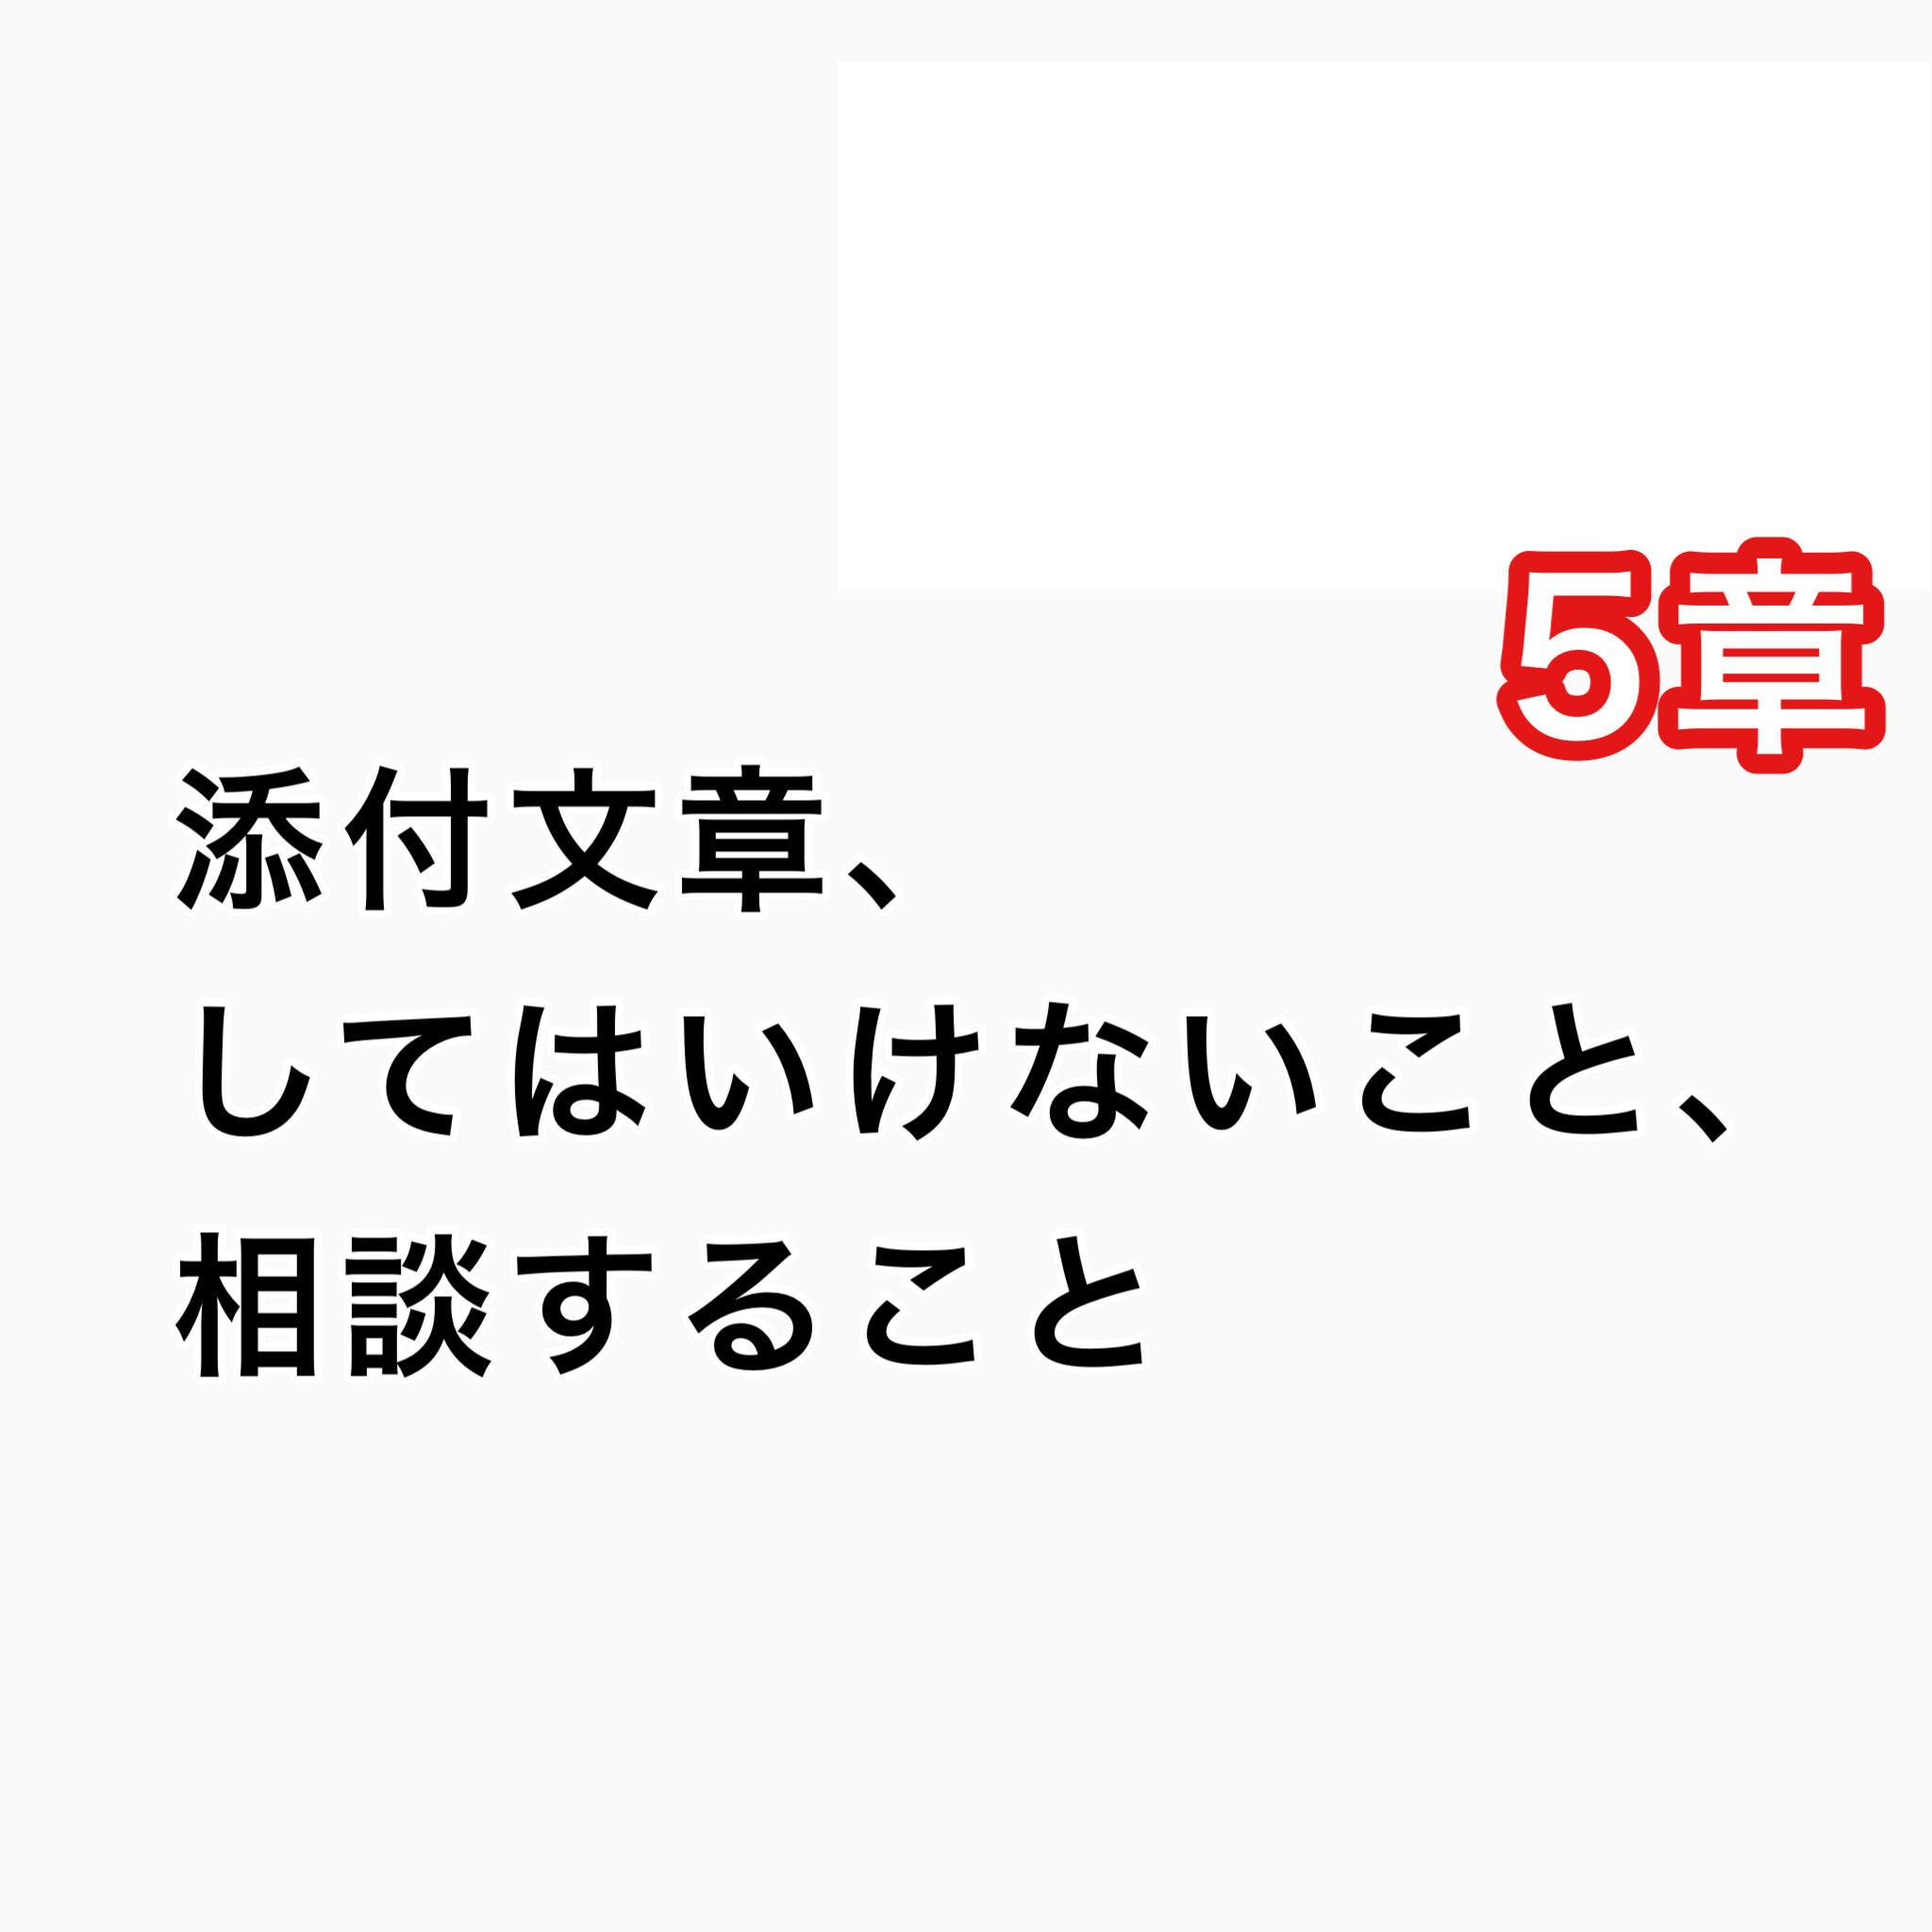 """alt=""""登録販売者5章目次"""